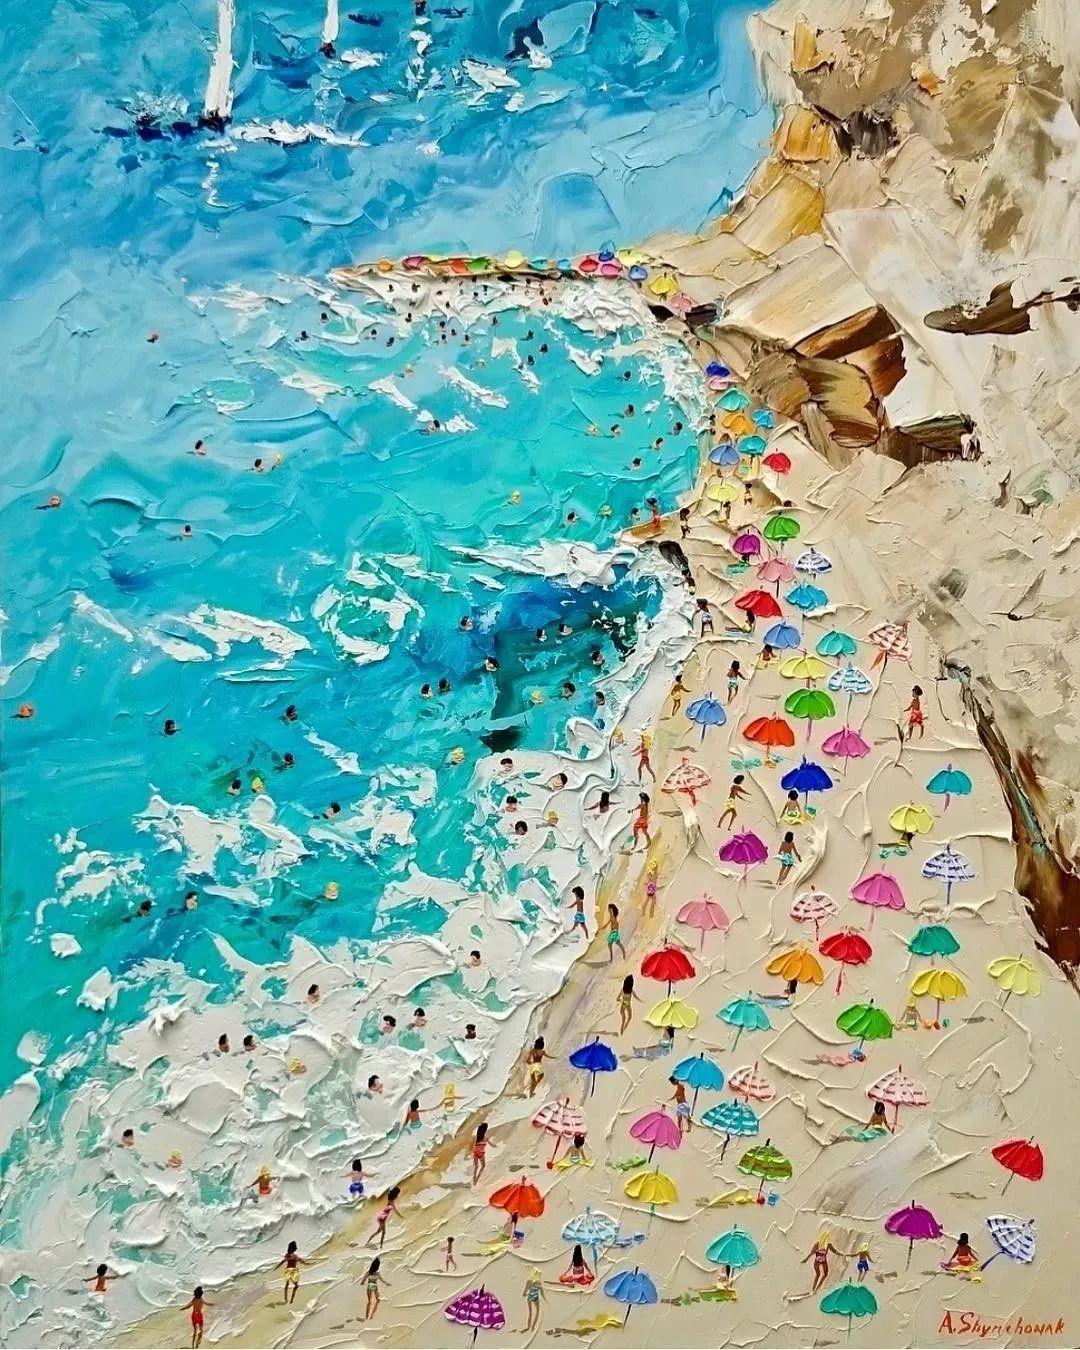 笔触大胆,用色干净利落,爱沙尼亚女画家Alena Shymchonak插图27